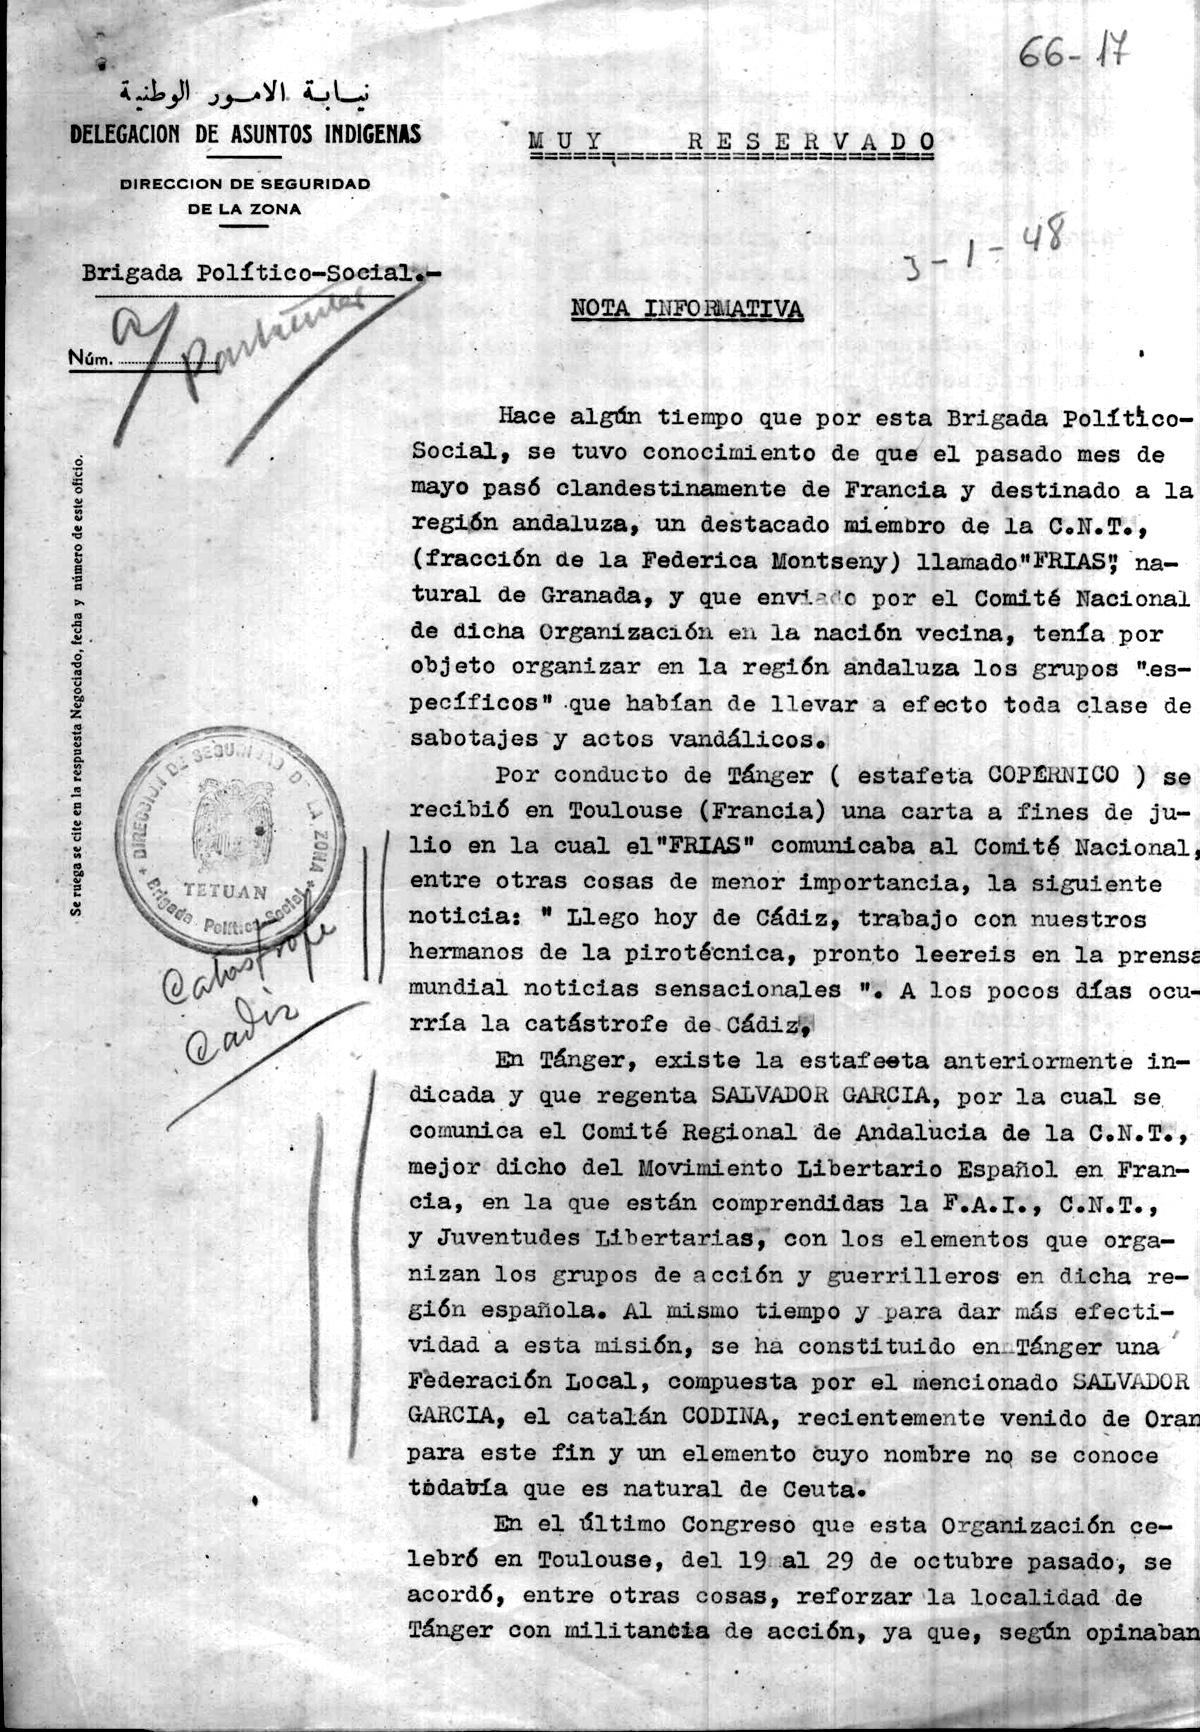 Informe de Asuntos Indígenas sobre la actividad guerrillera en Tetuán 1